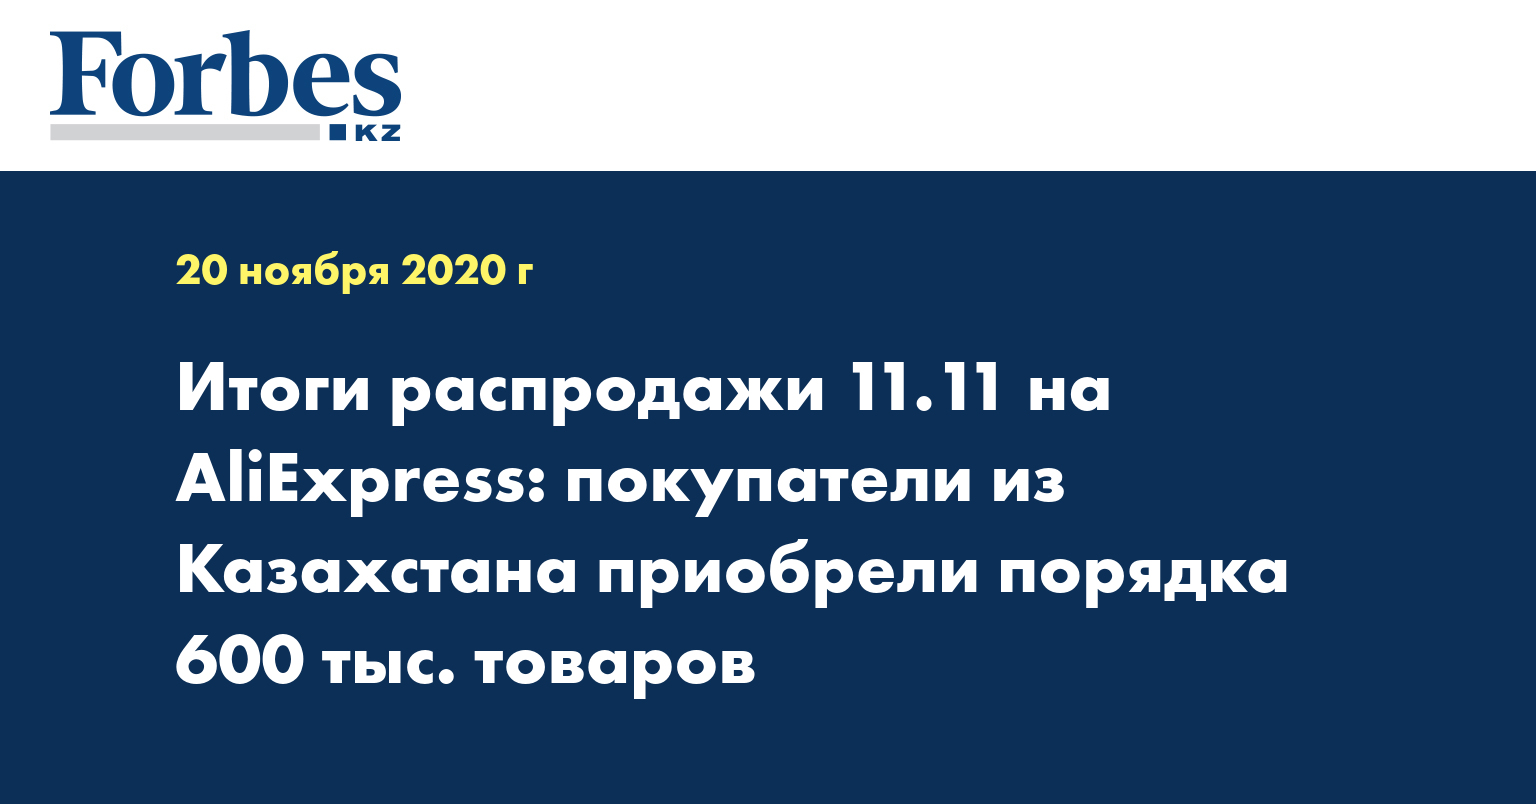 Итоги распродажи 11.11 на AliExpress: покупатели из Казахстана приобрели порядка 600 тыс. товаров